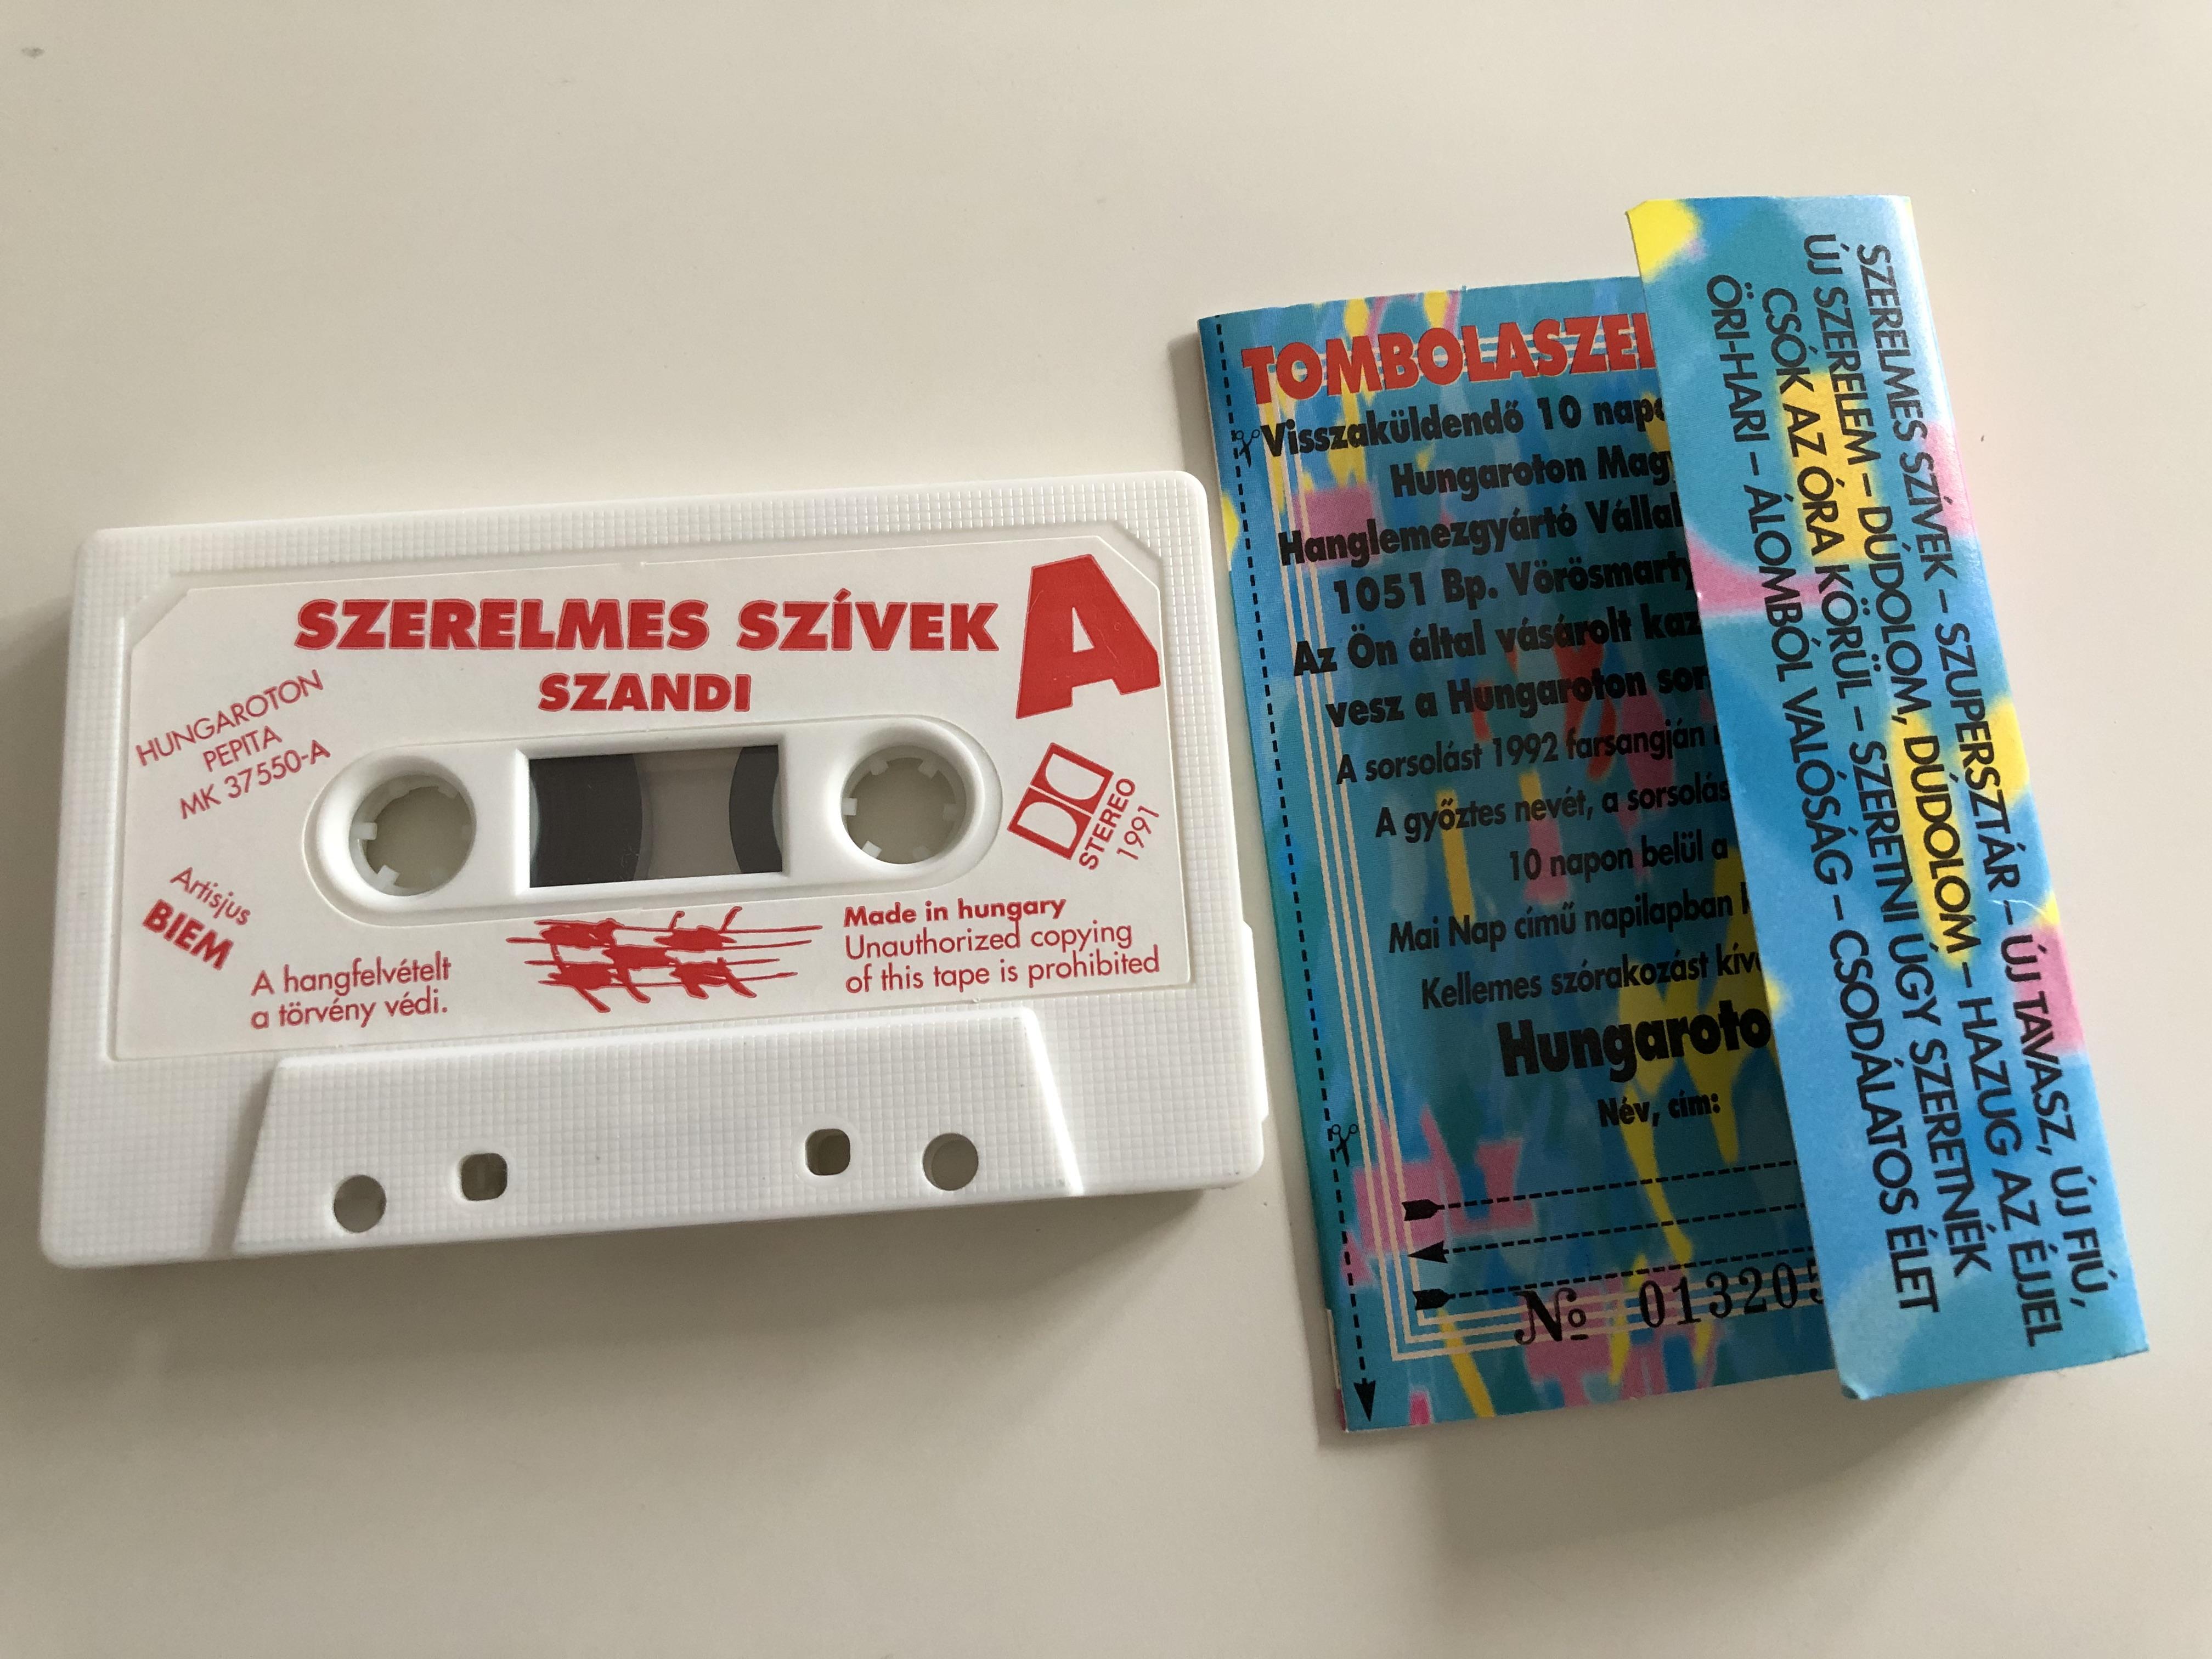 szandi-szerelmes-sz-vek-hungaroton-cassette-stereo-mk-37550-a-2-.jpg